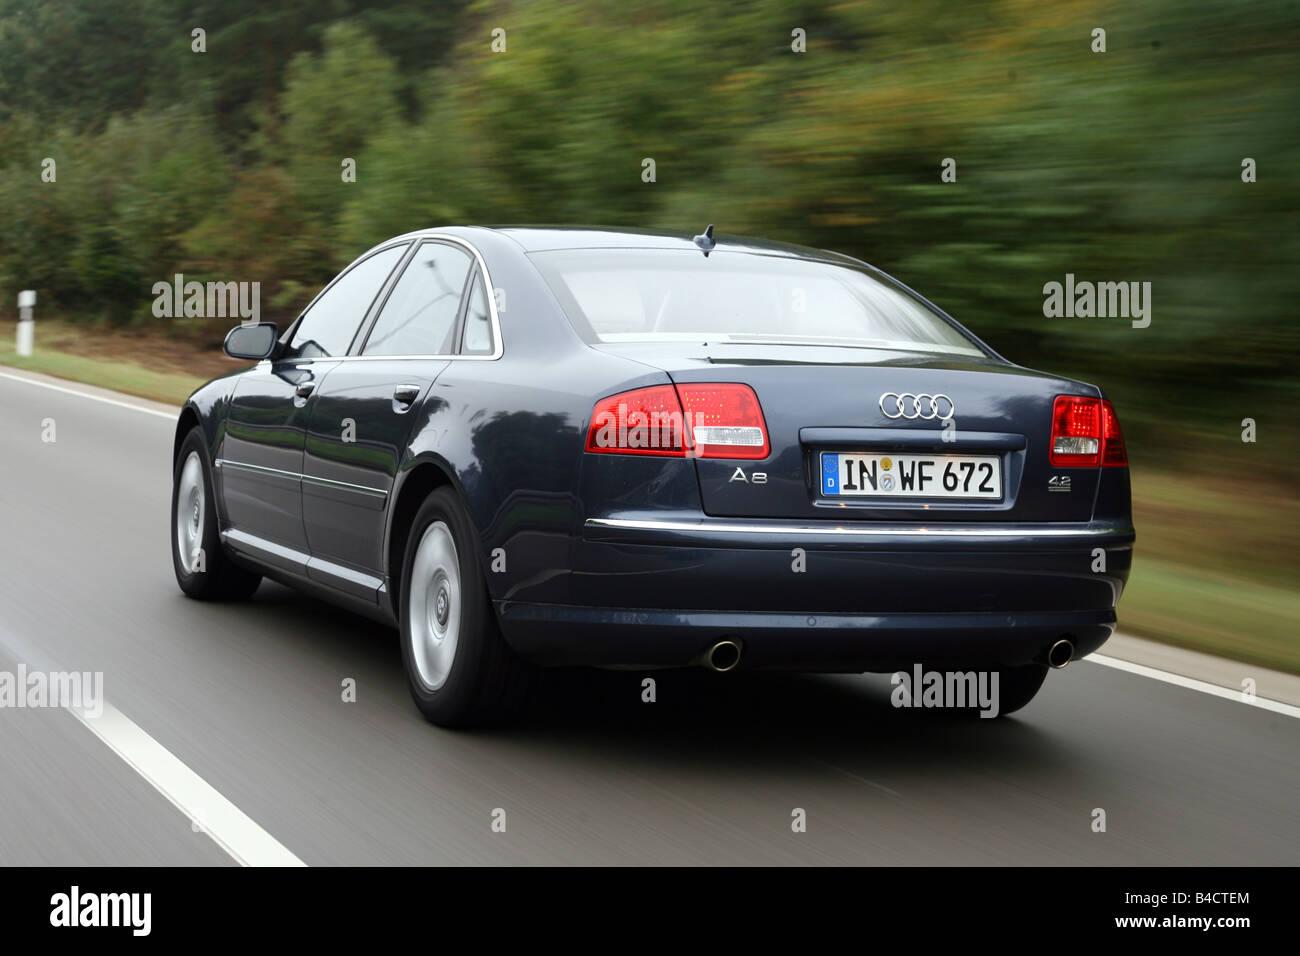 Kelebihan Kekurangan Audi A8 2006 Perbandingan Harga